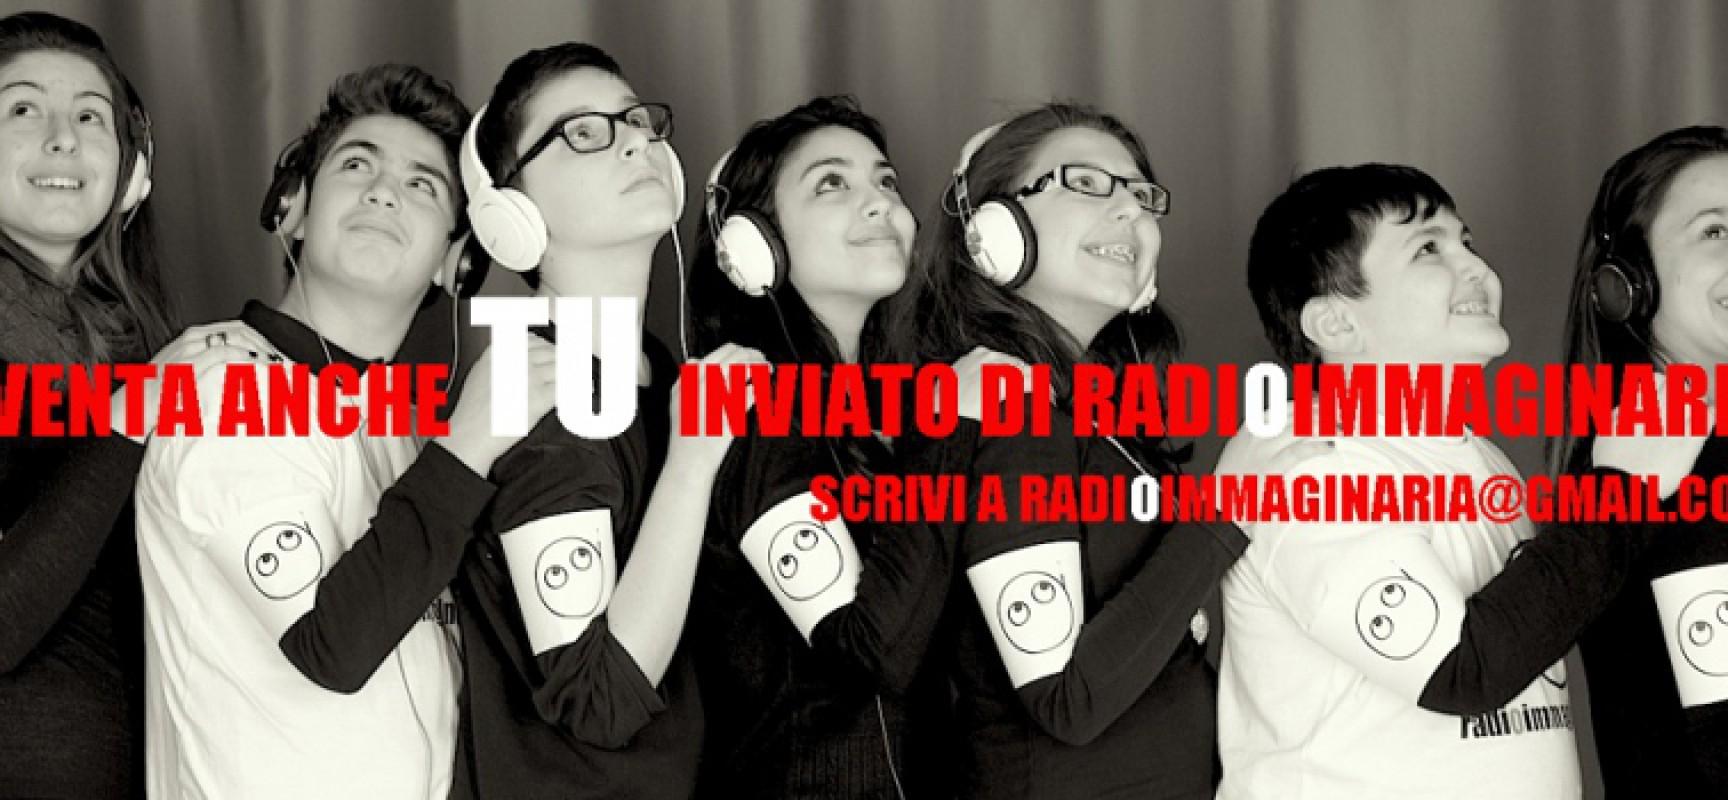 Radio Immaginaria, la radio degli adolescenti, cerca corrispondenti dagli 11 ai 17 anni / DETTAGLI